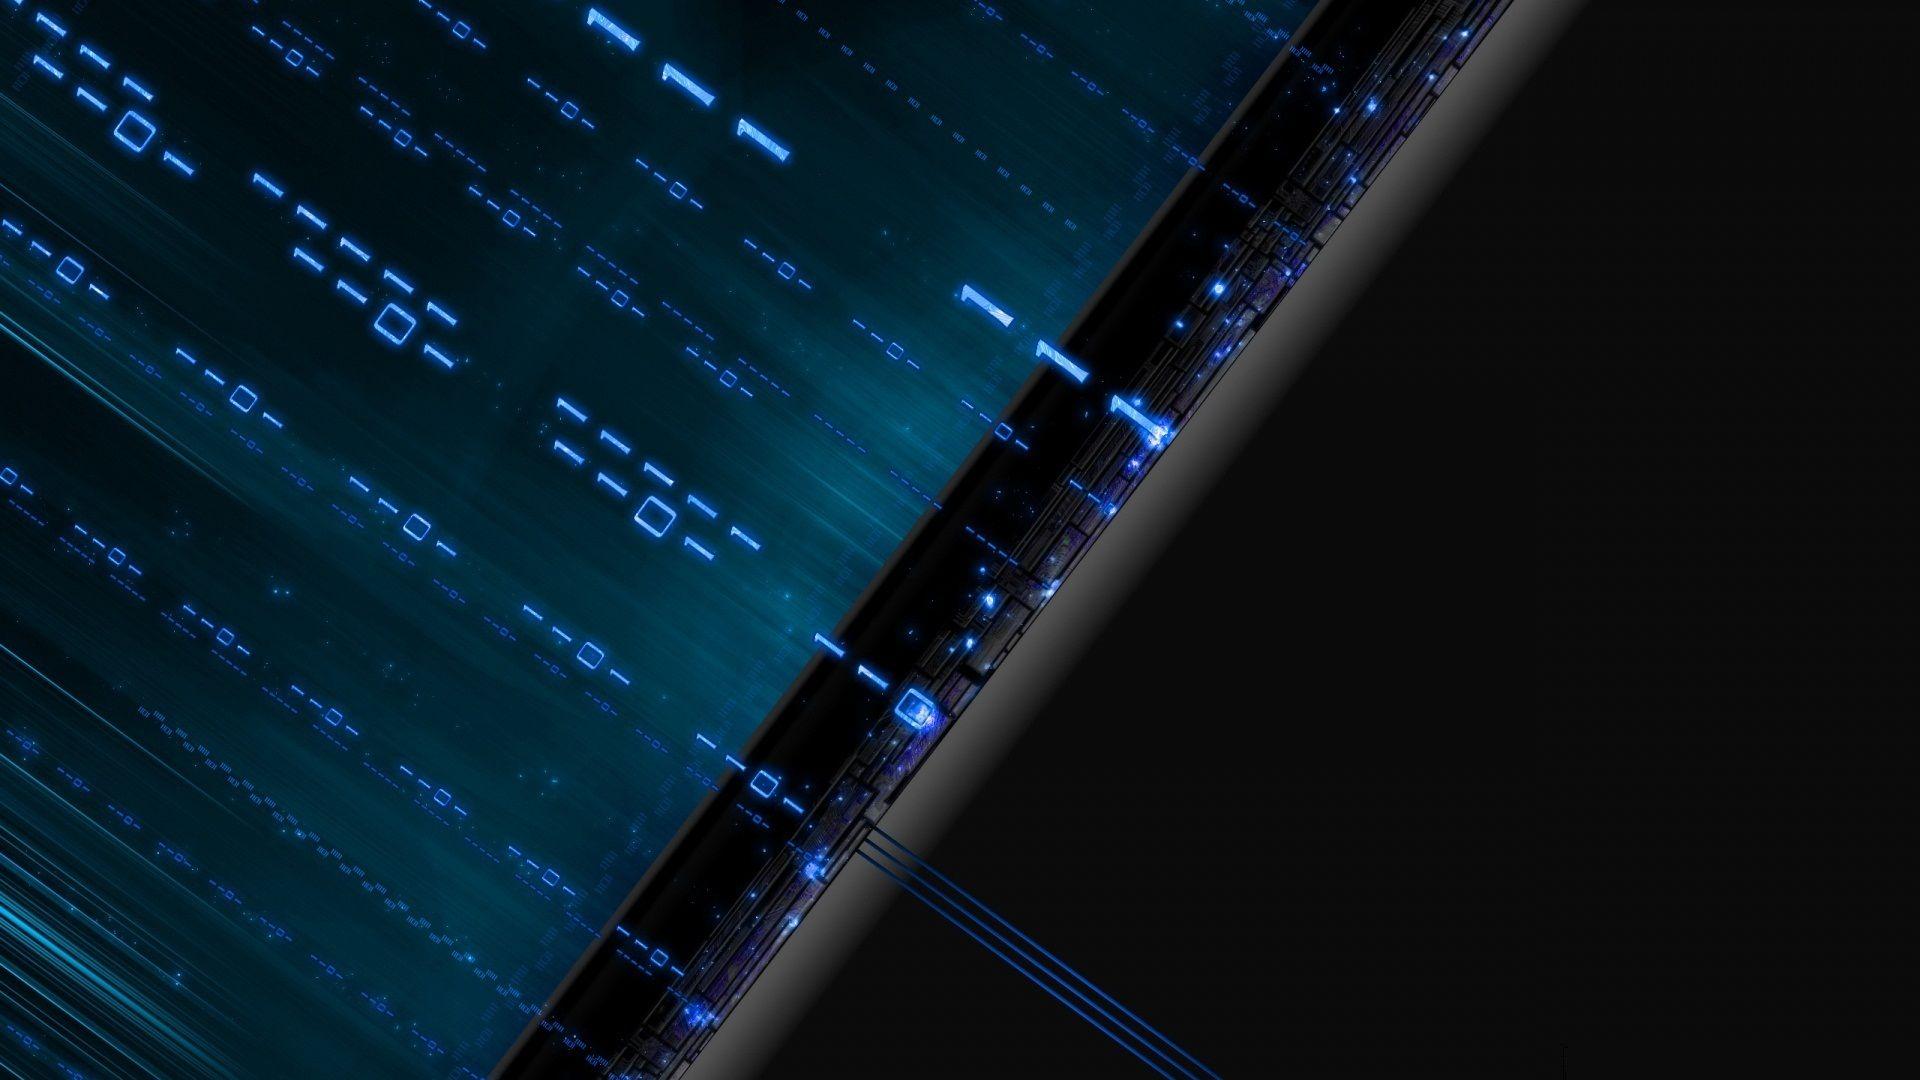 Coding free background